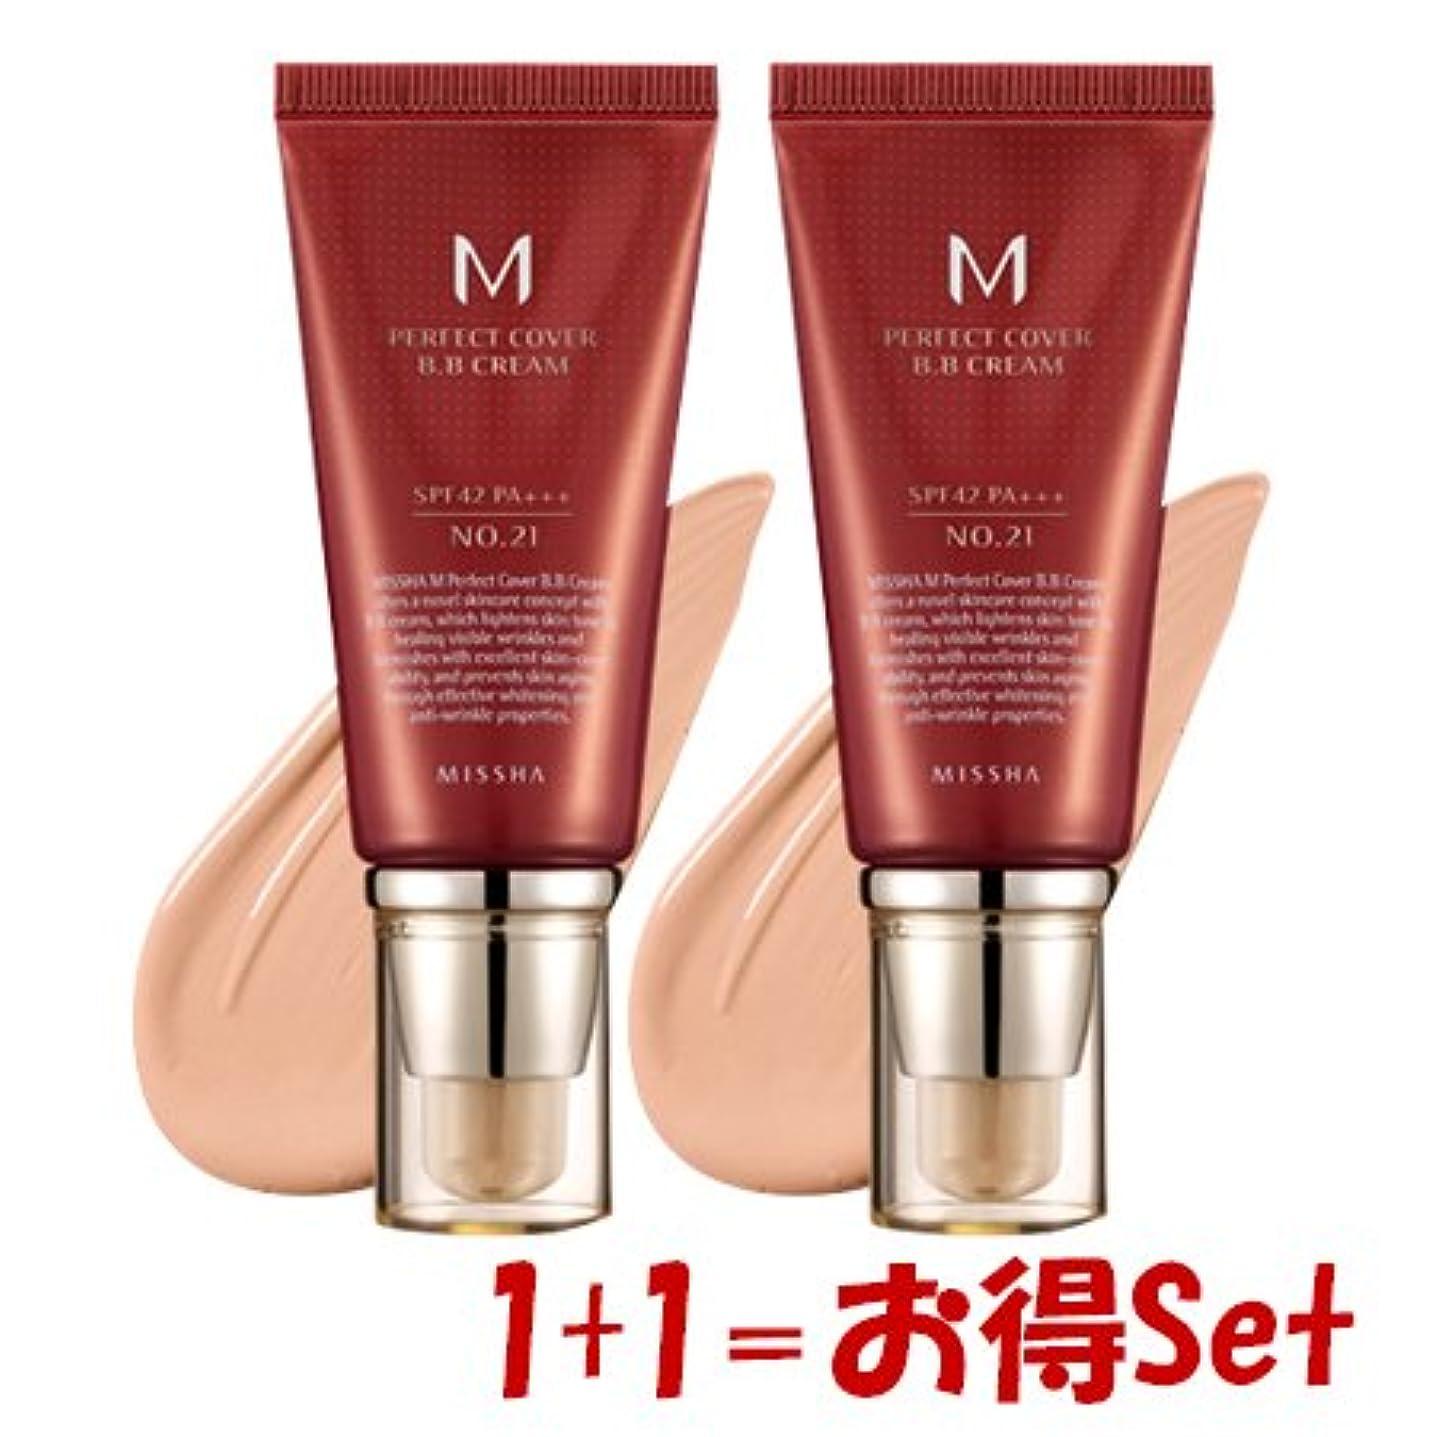 洞察力のあるシーン取得するMISSHA(ミシャ) M Perfect Cover パーフェクトカバーBBクリーム 21号+ 21号(1+1=Set) [並行輸入品]